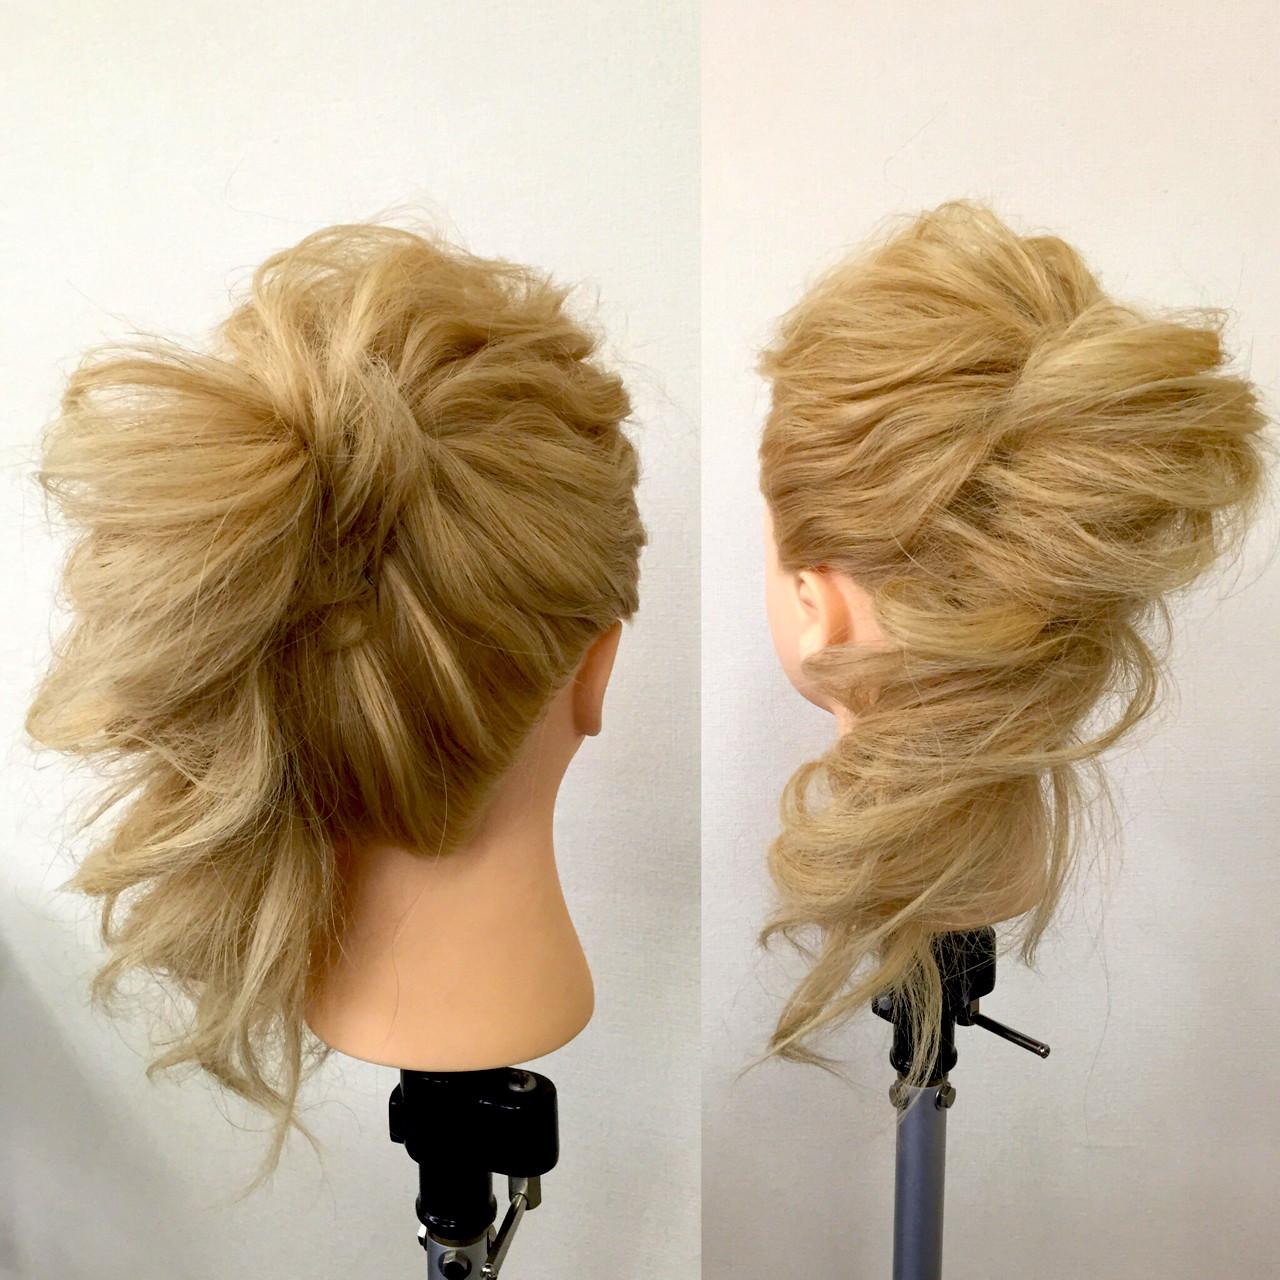 ゆるふわ ロング 簡単ヘアアレンジ 大人かわいいヘアスタイルや髪型の写真・画像